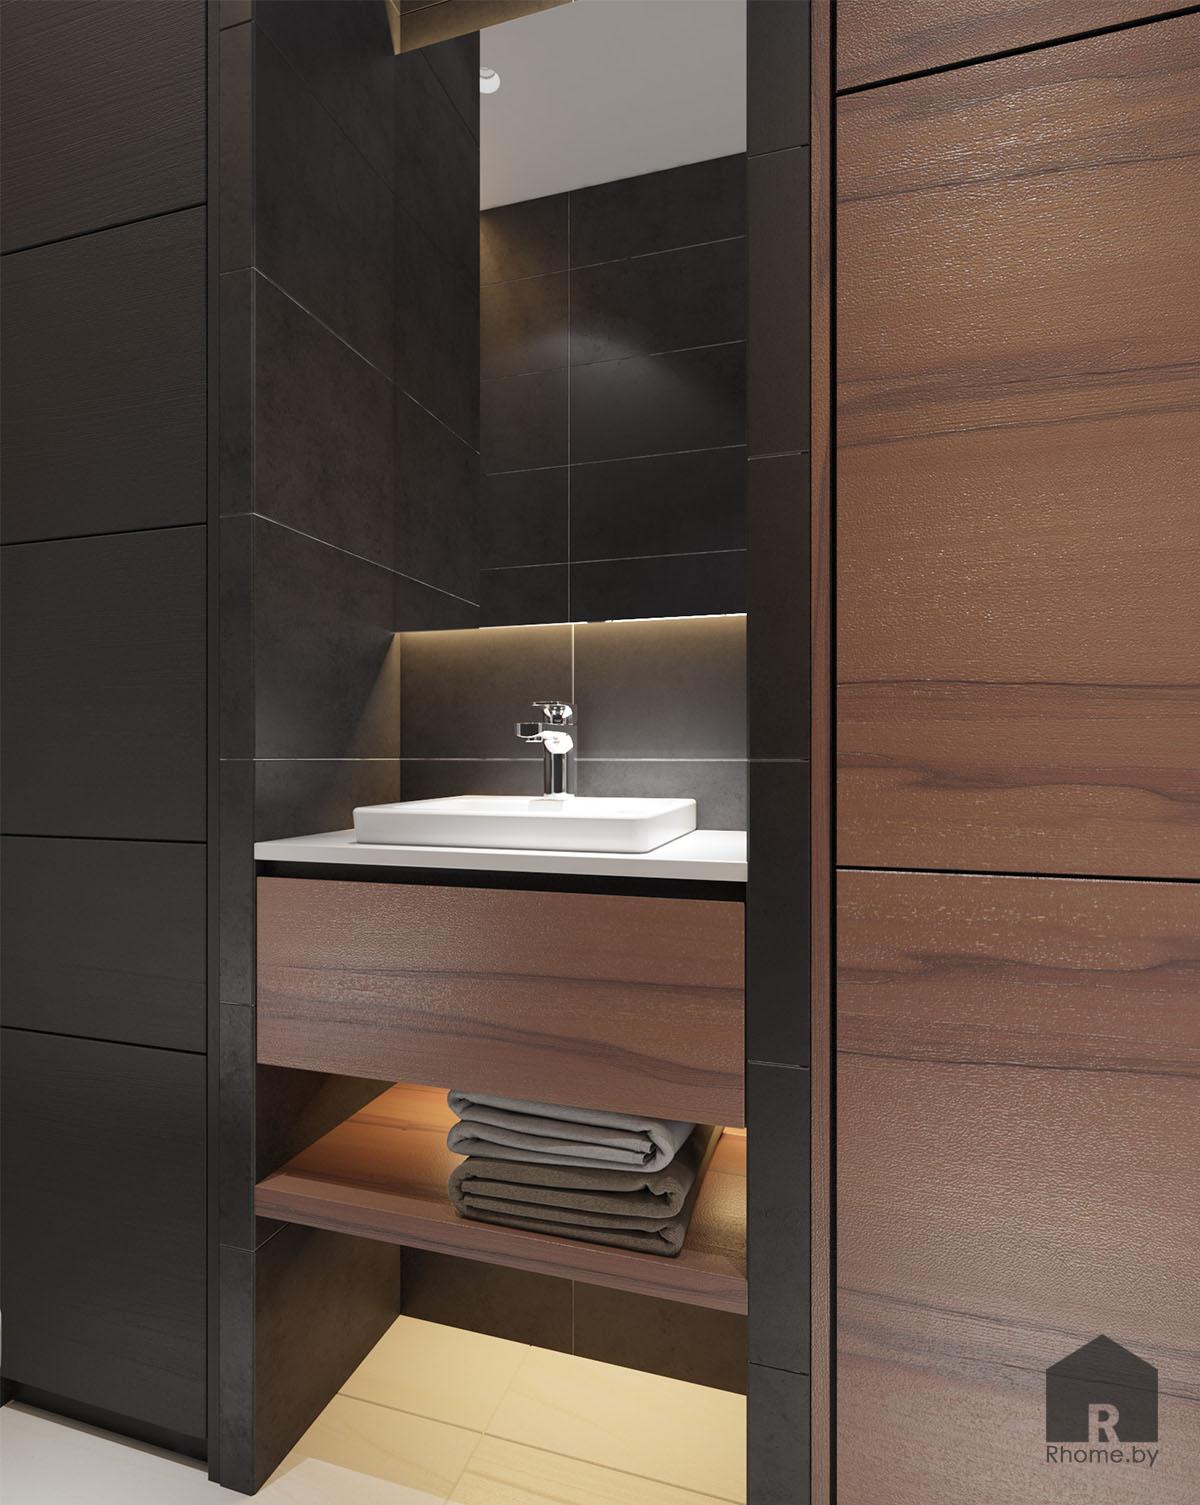 Дизайн интерьера туалета в ЖК «Браславский» | Дизайн студия – Rhome.by